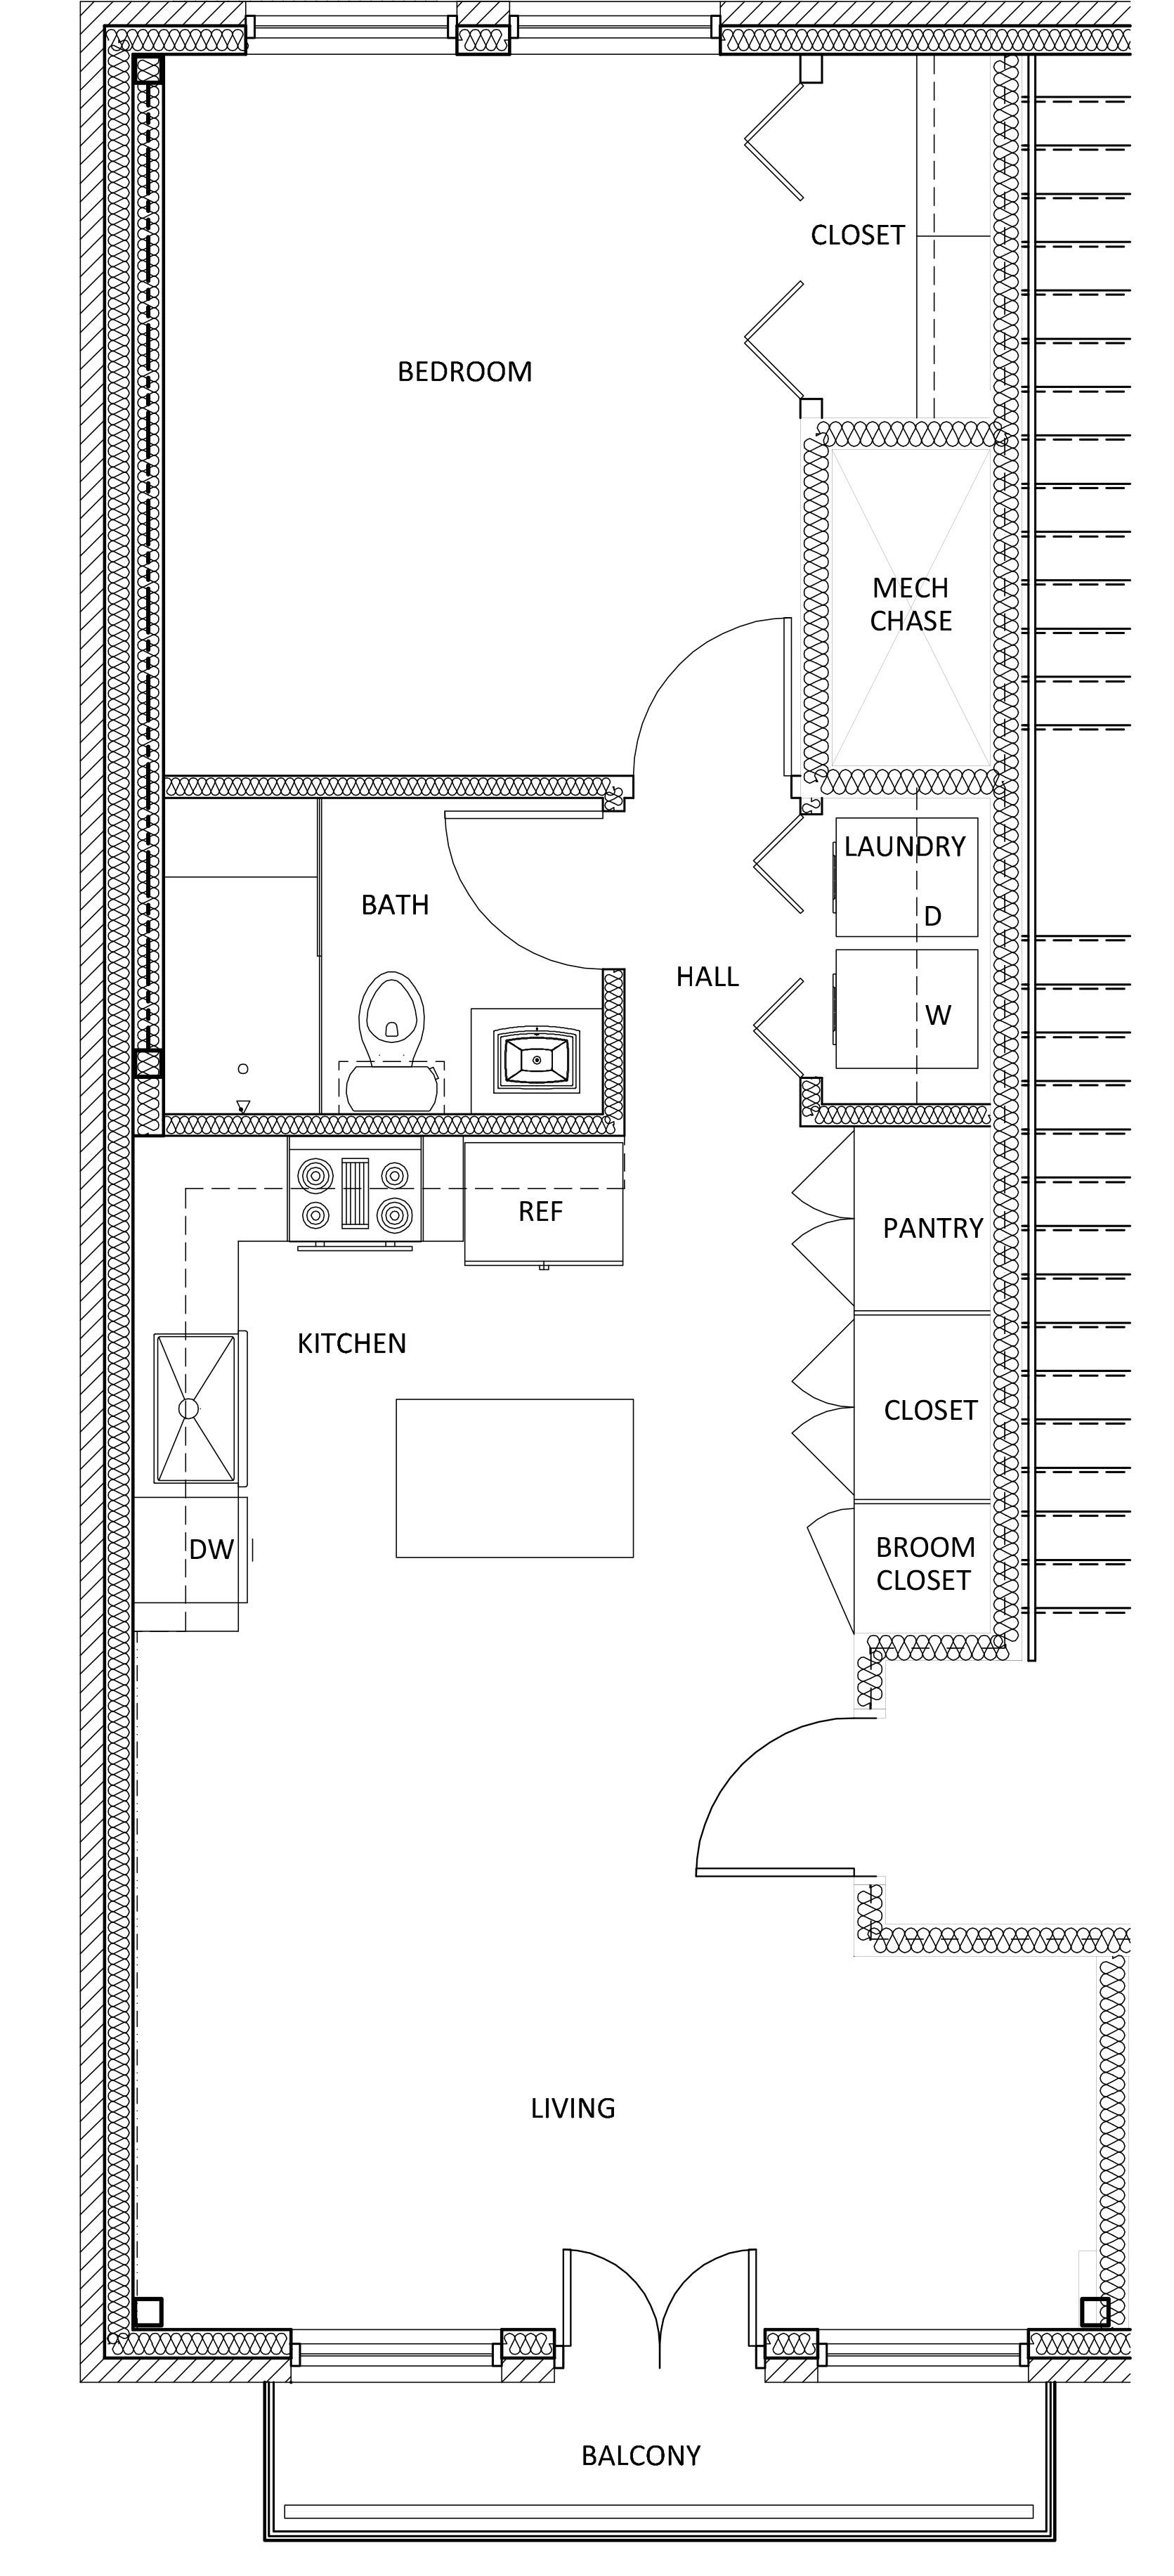 1-BD-UNIT---BLDG-B-Suites-211-&-212.jpg